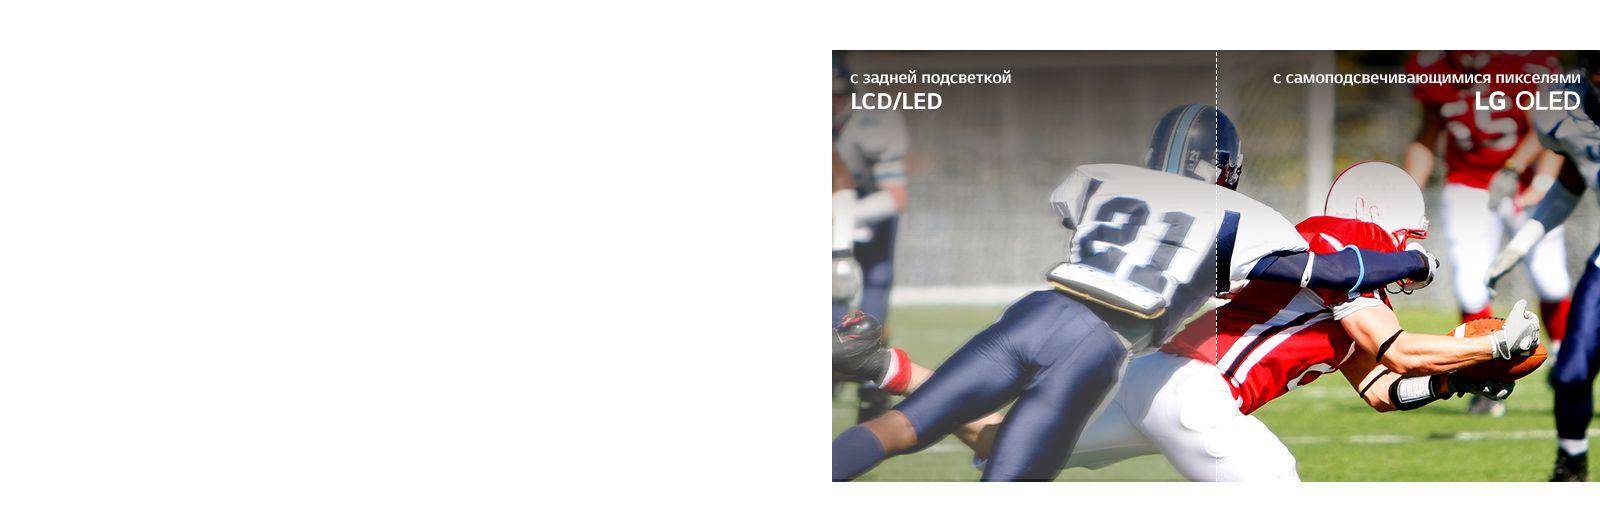 Сцена из футбольного матча: одна половина на LCD/LED-телевизоре с размытой картинкой, другая – на OLED-телевизоре LG, с высокой четкостью изображения